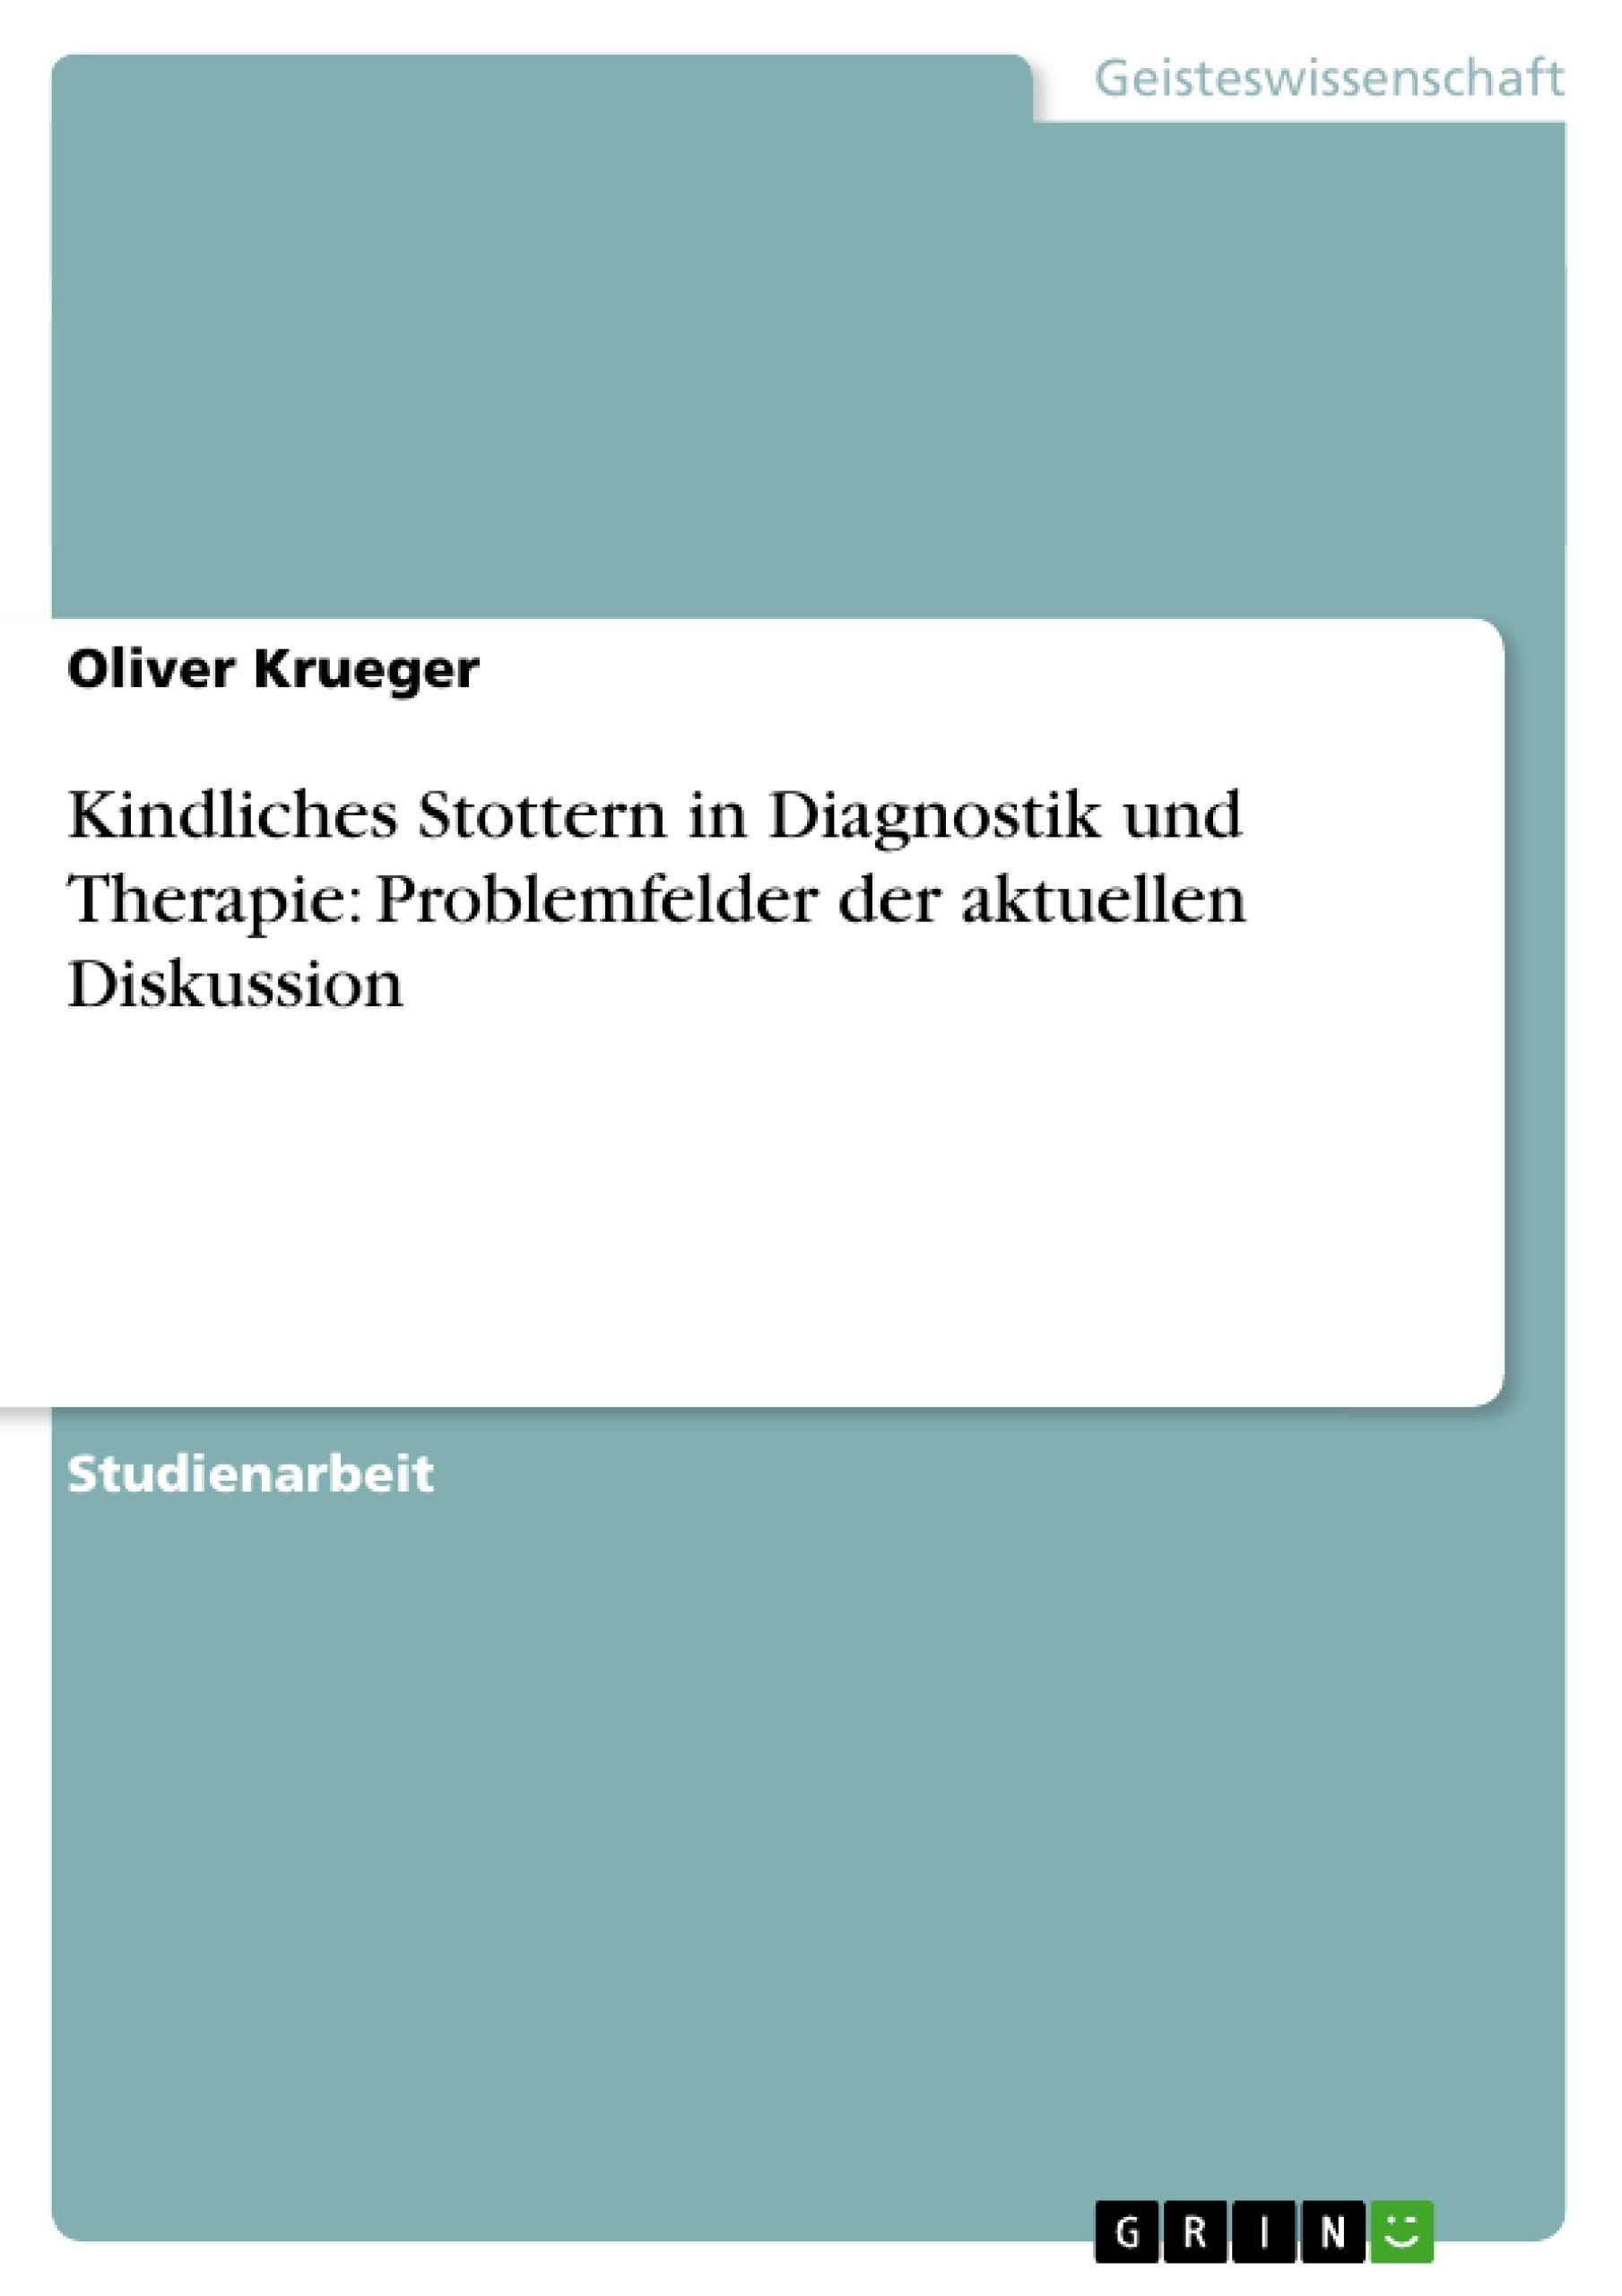 Titel: Kindliches Stottern in Diagnostik und Therapie: Problemfelder der aktuellen Diskussion